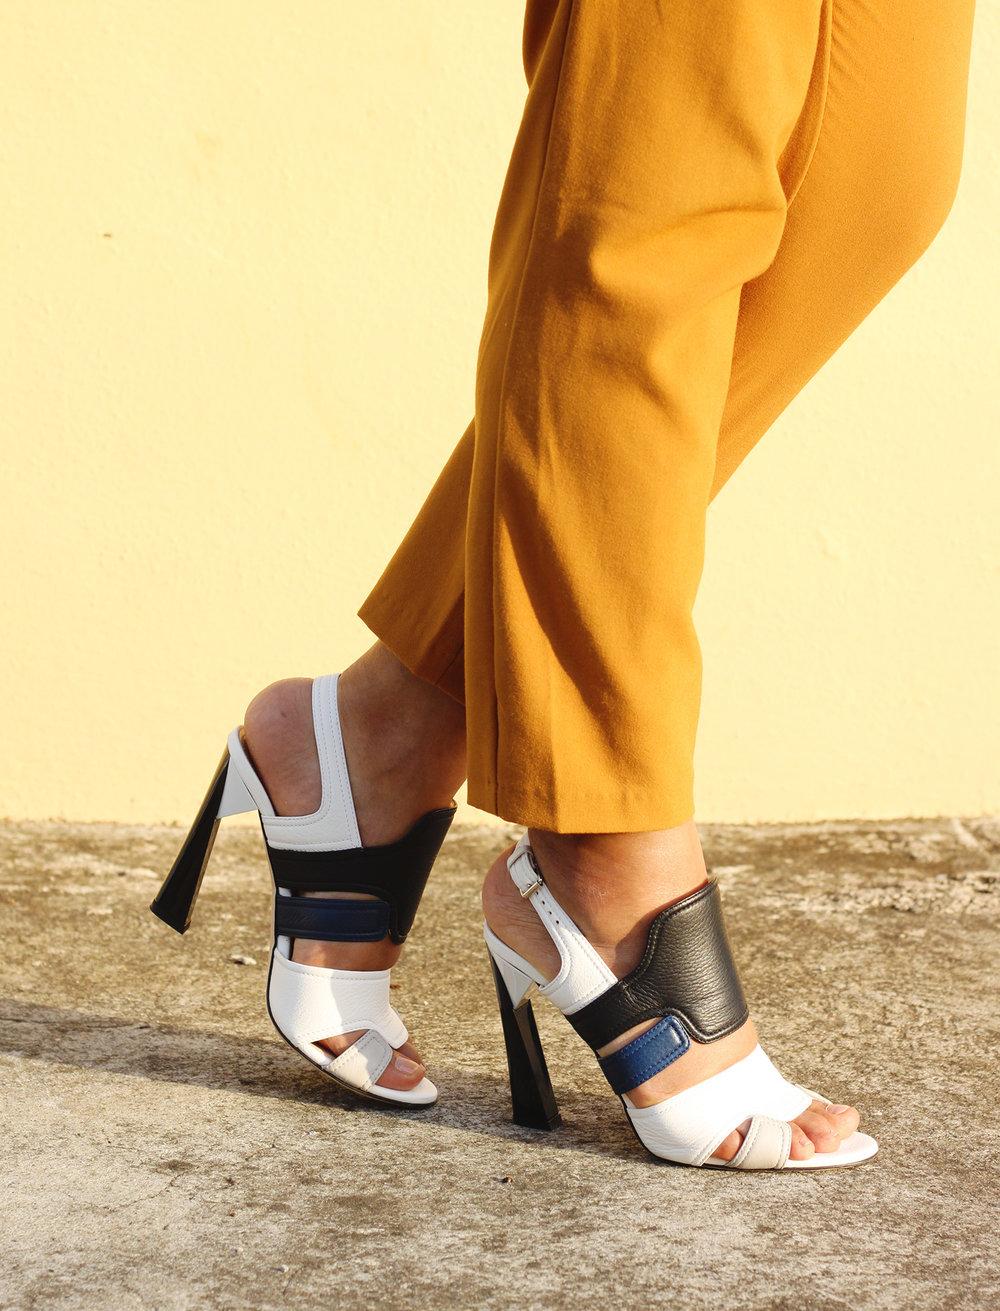 15 ESTUPENDOS ZAPATOS DE CALVIN KLEIN EN DESCUENTO // Aprovechen esta mega venta de zapatos de Calvin Klein, la mayoría de ellos menos de $ 100! Estoy empezando a imaginar muchos looks de verano con ellos.